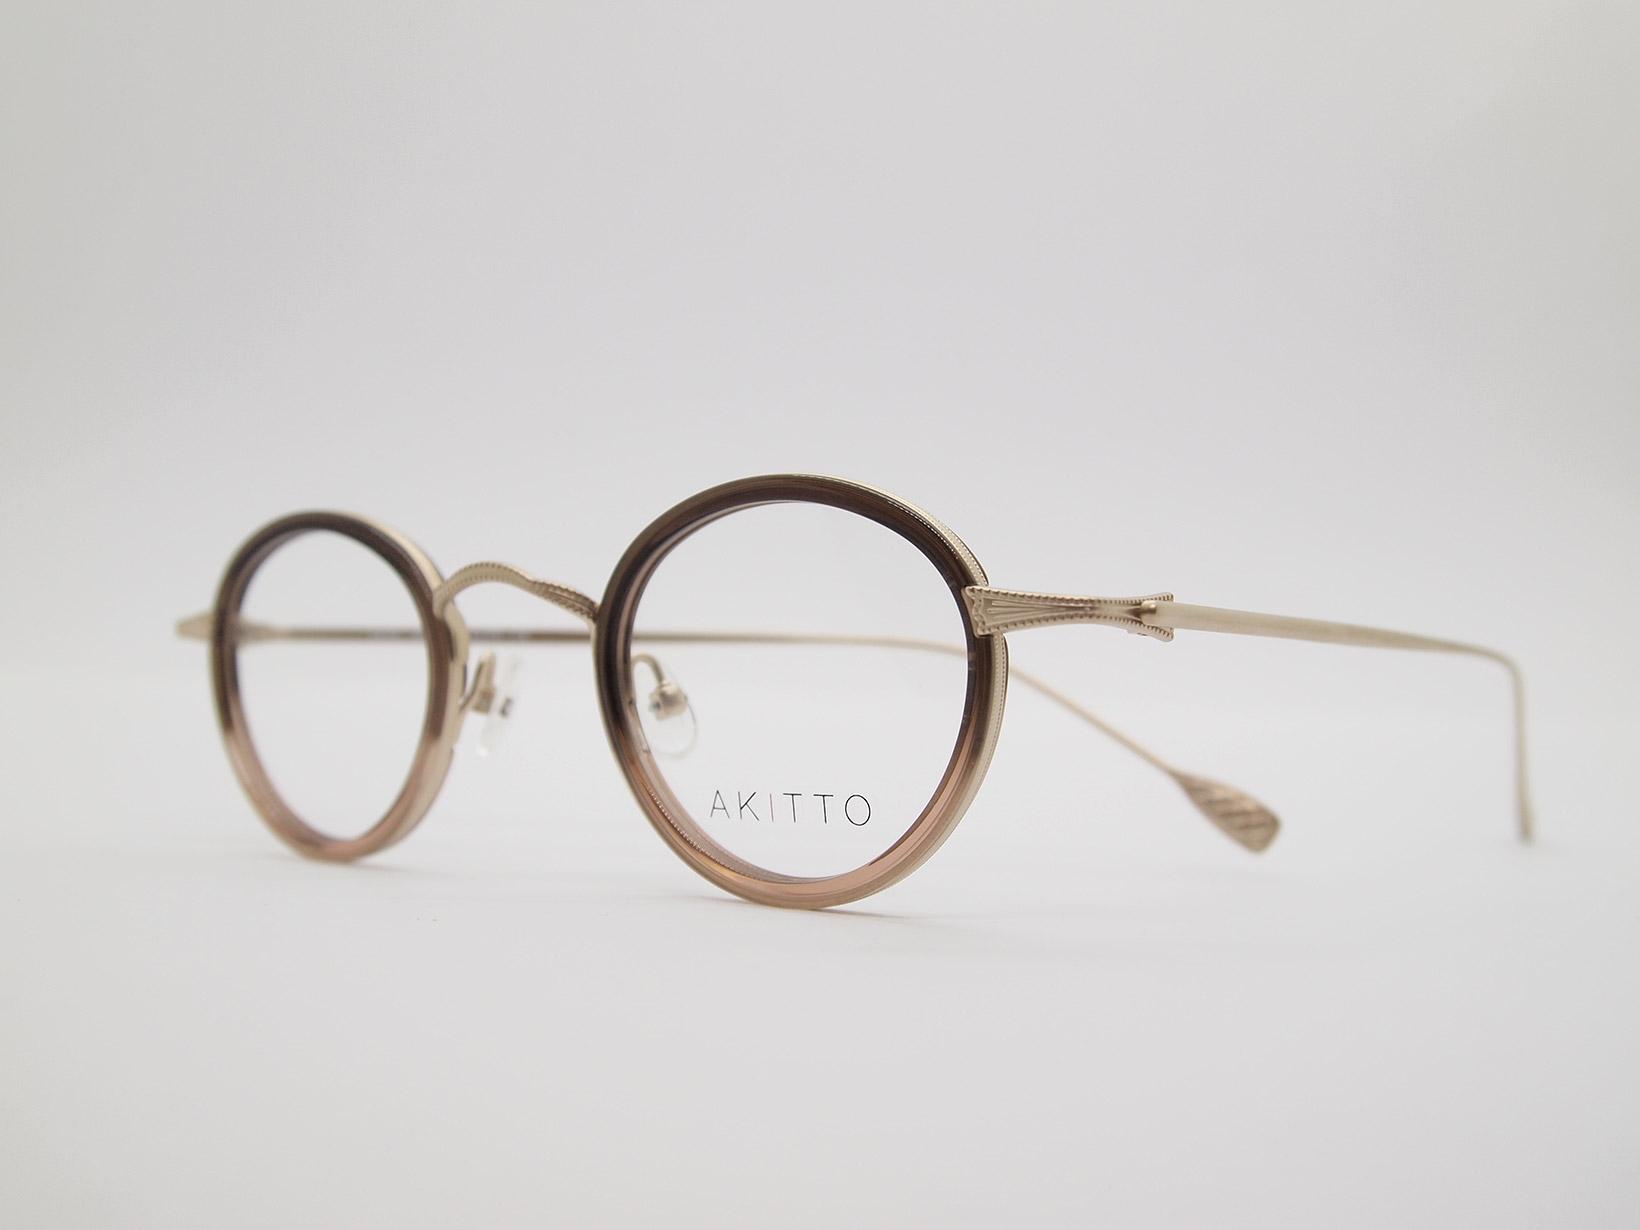 AKITTO 2021-4th tas2 color PU size:41□25 material:titanium+acetate price:¥46,200-(税込み)